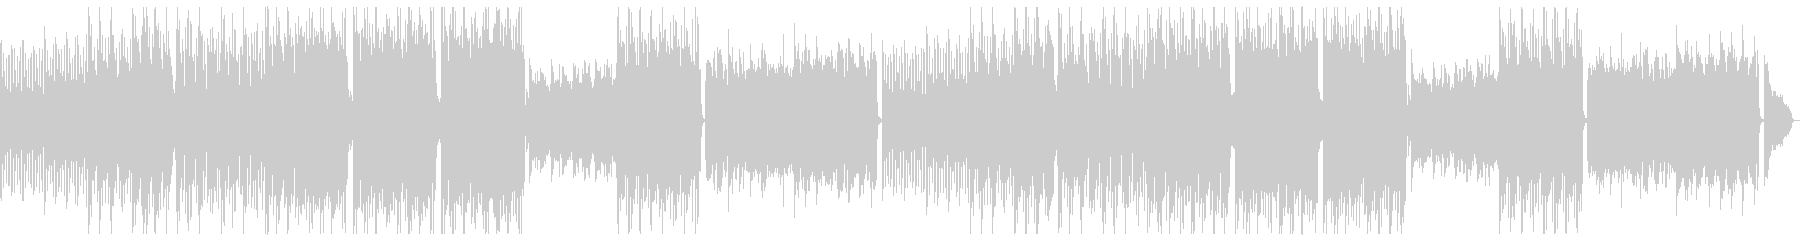 カジュアル穏やかエレピポップ:フルx2の未再生の波形